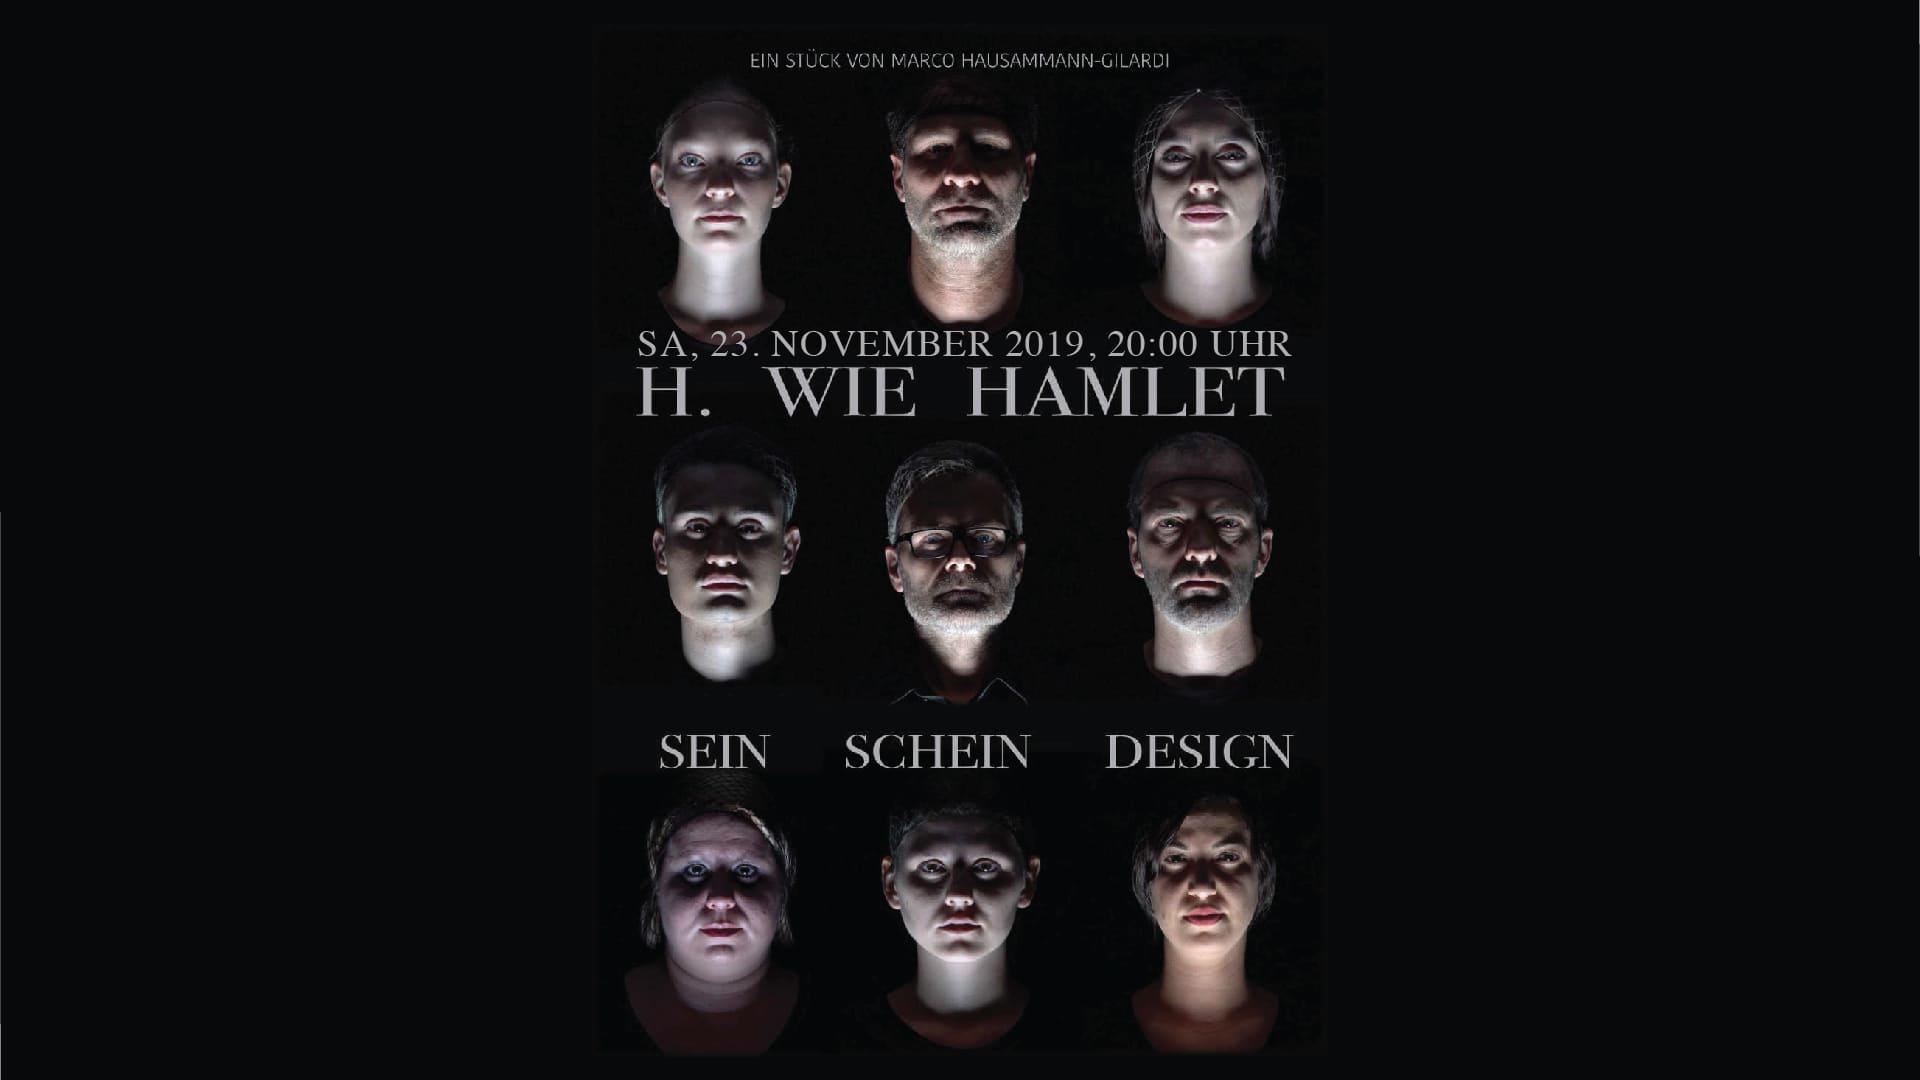 H. wie Hamlet